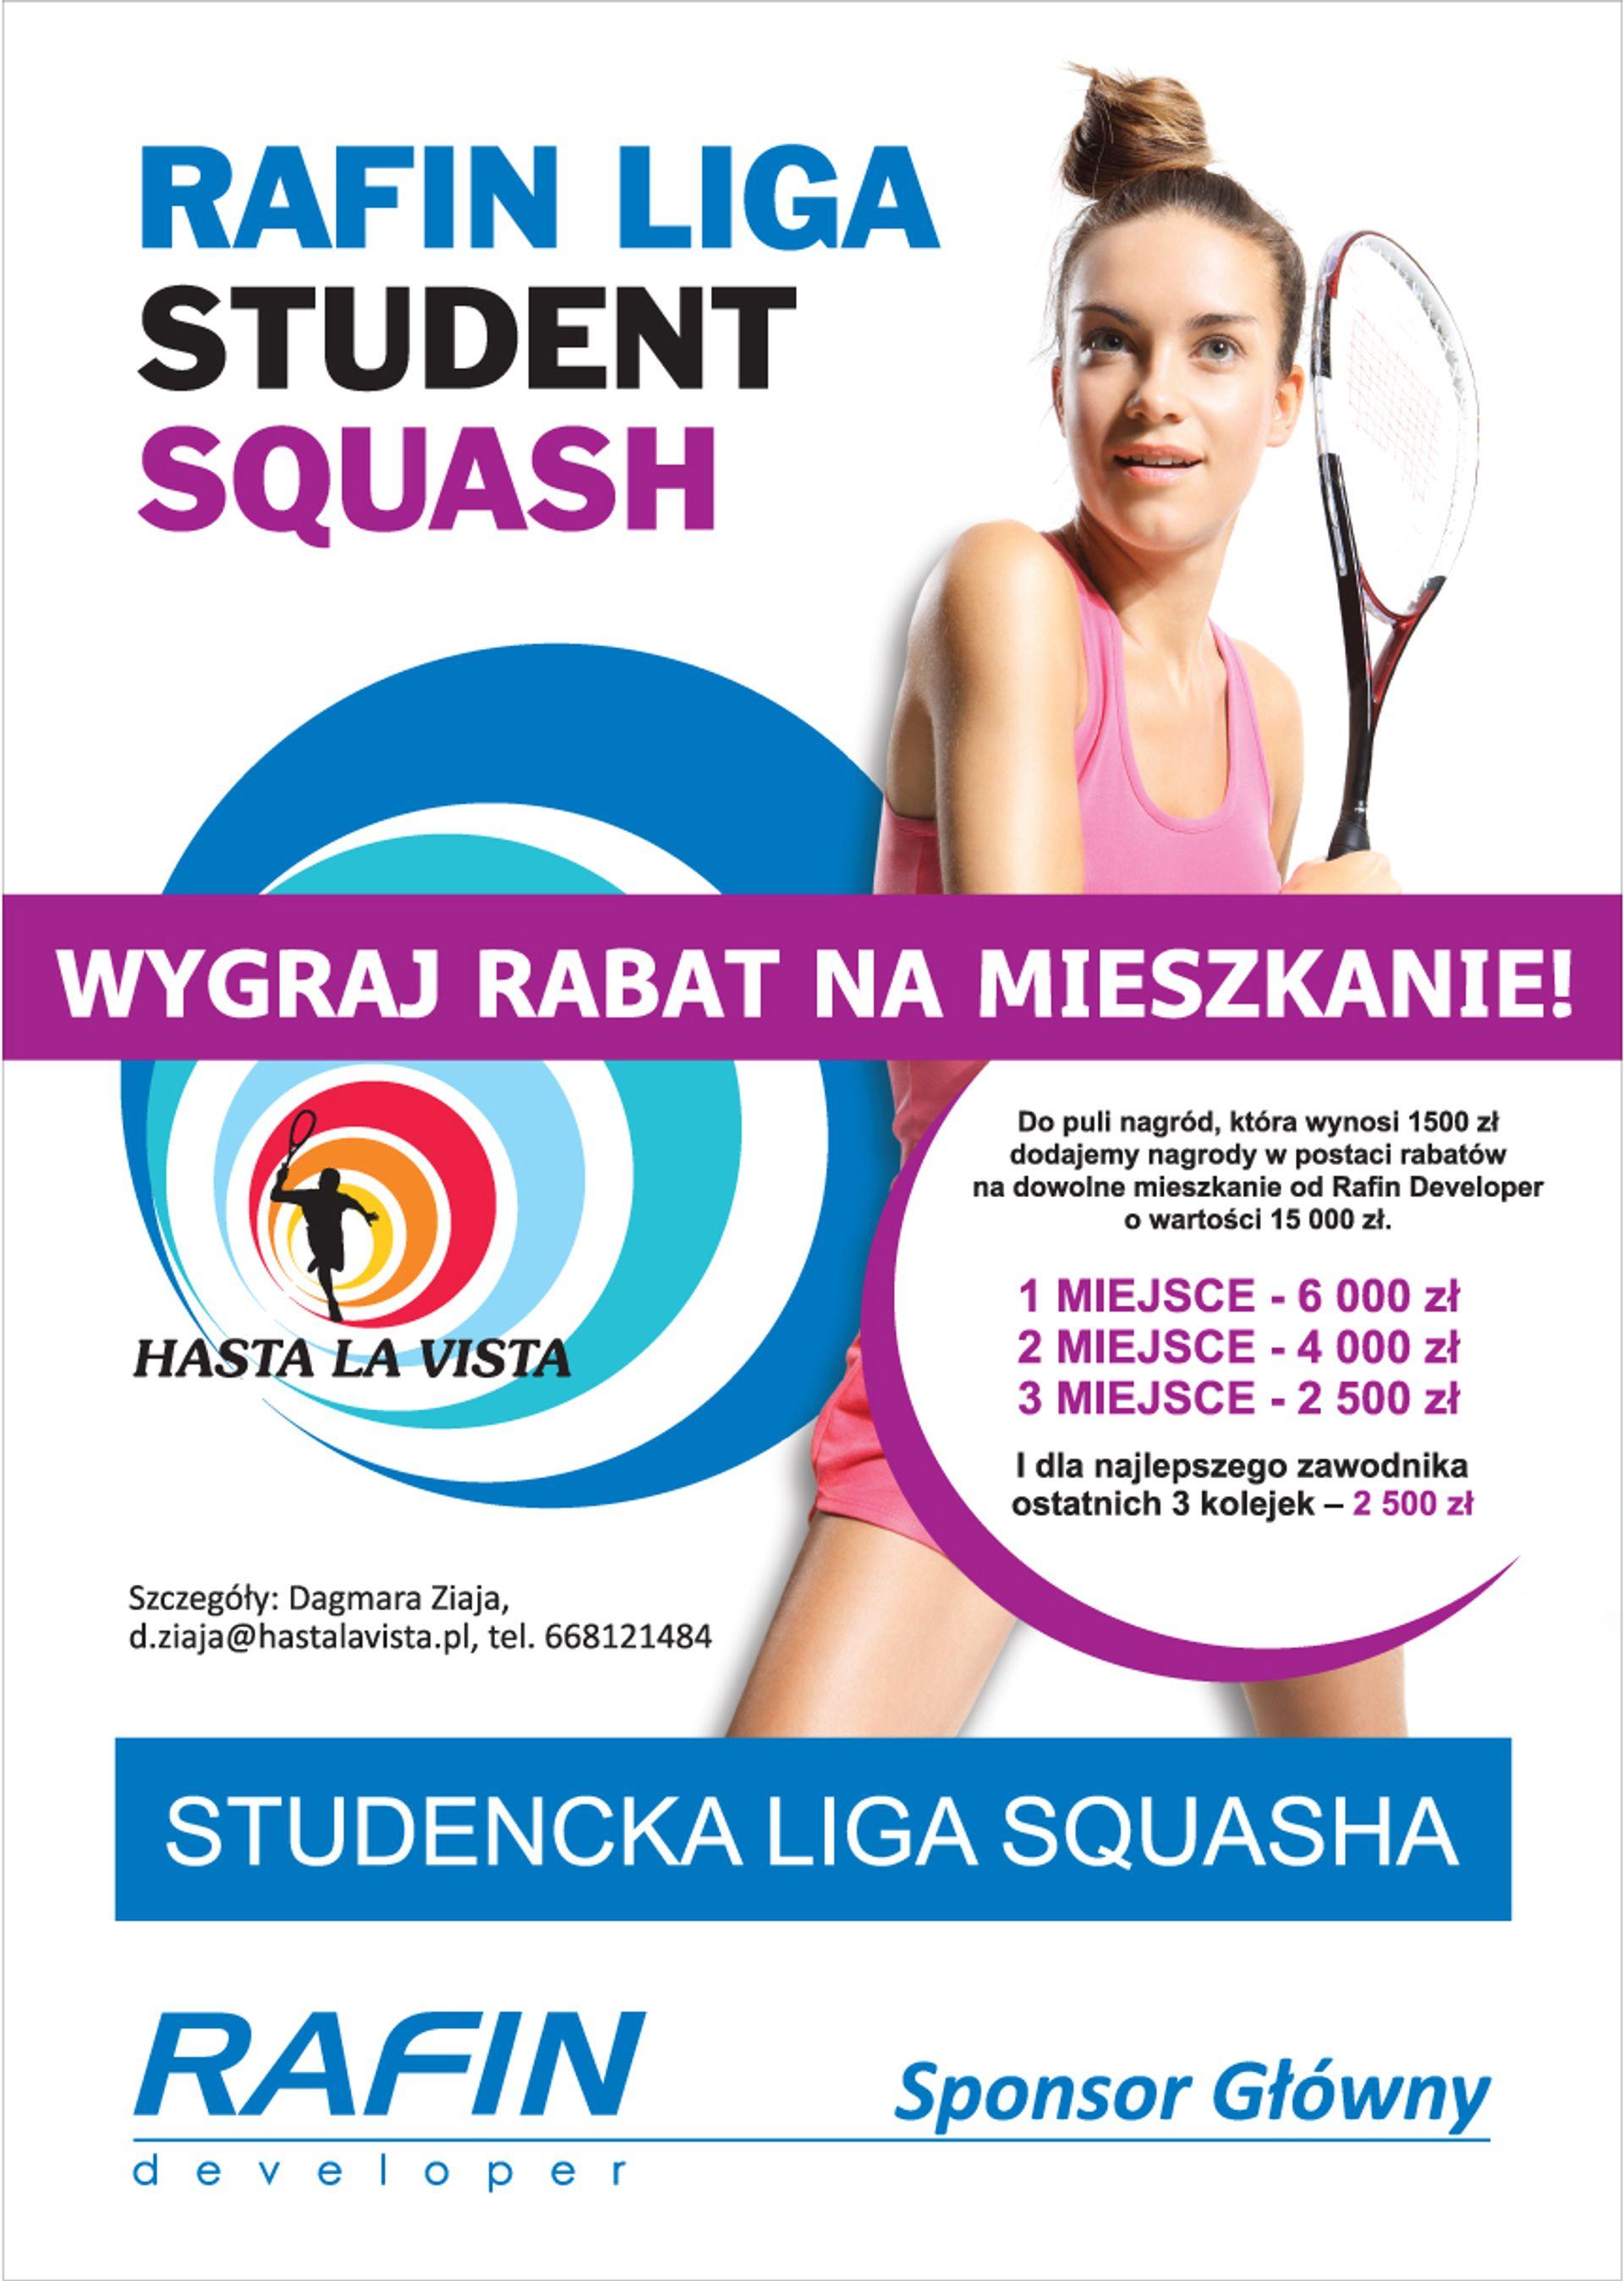 [Wrocław] Rafin Liga Student największa studencka liga squasha we Wrocławiu wchodzi w decydującą fazę